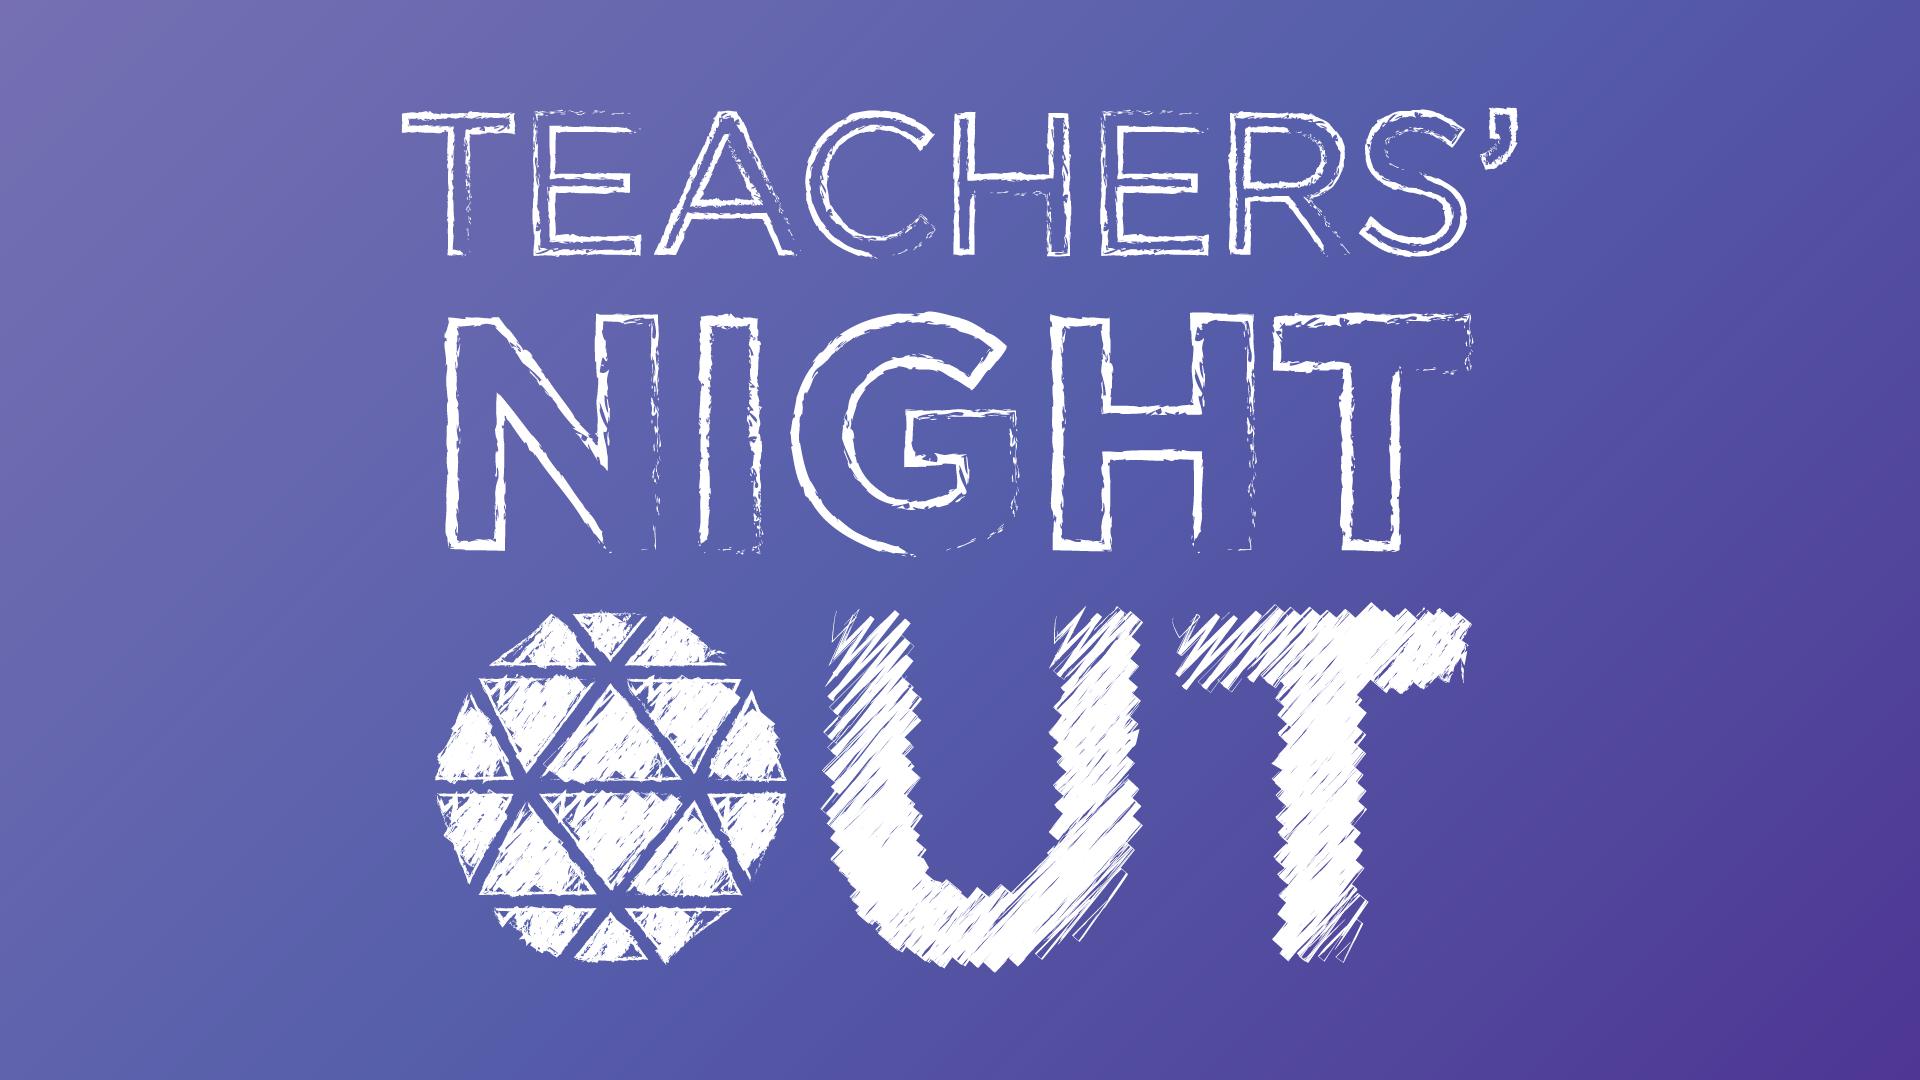 Teacher's Night Out